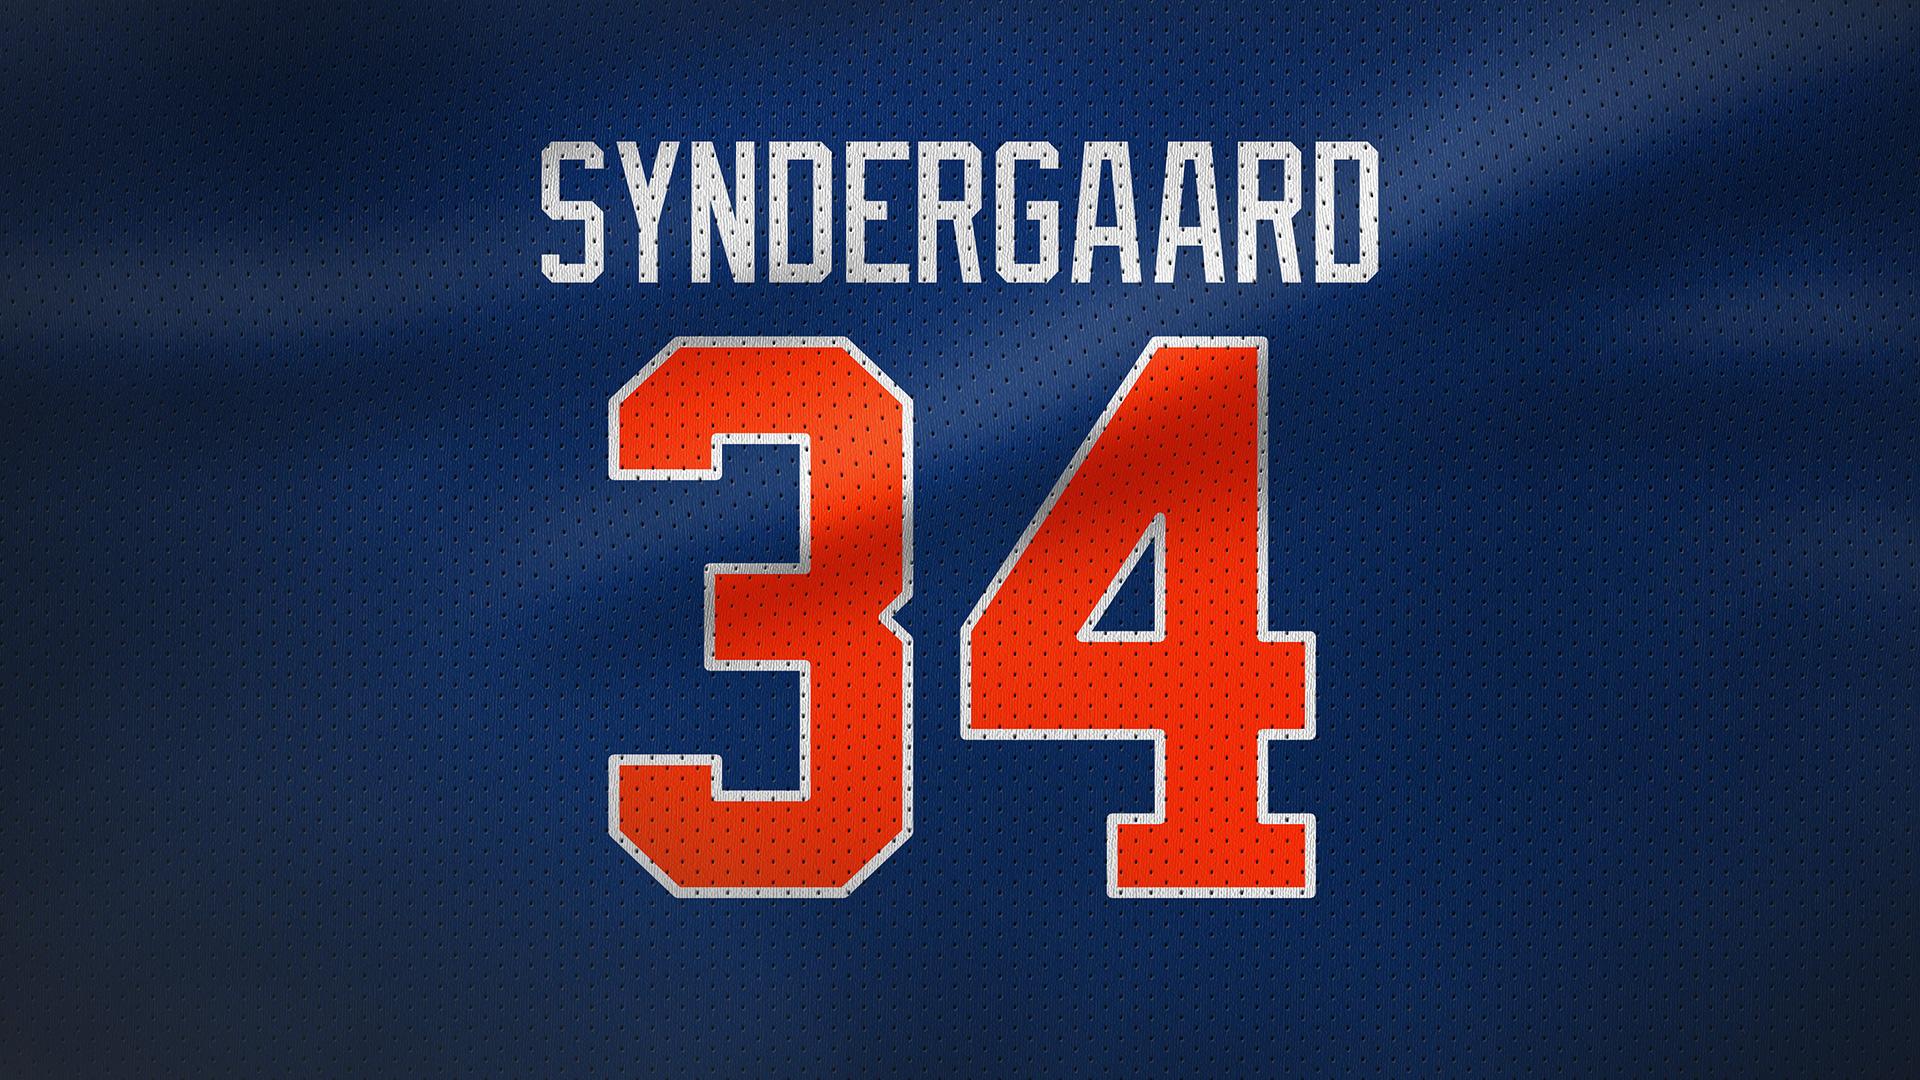 """Stjärnor - Noah Syndergaard, vars smeknamn är """"Thor"""" (alla som har sett honom förstår varför), är pitchern som myntat """"I'm here to chew bubblegum and to kick ass…and I'm all out of bubblegum"""" 26-åringen är lagets kanske största stjärna. Under 2019 är Michael Cortado en outfielder som Mets-fansen hoppas mycket på under året. 23-årige Amed Rosario går kanske en ljus framtid till mötes, trots den jobbiga debutsäsongen 2017."""